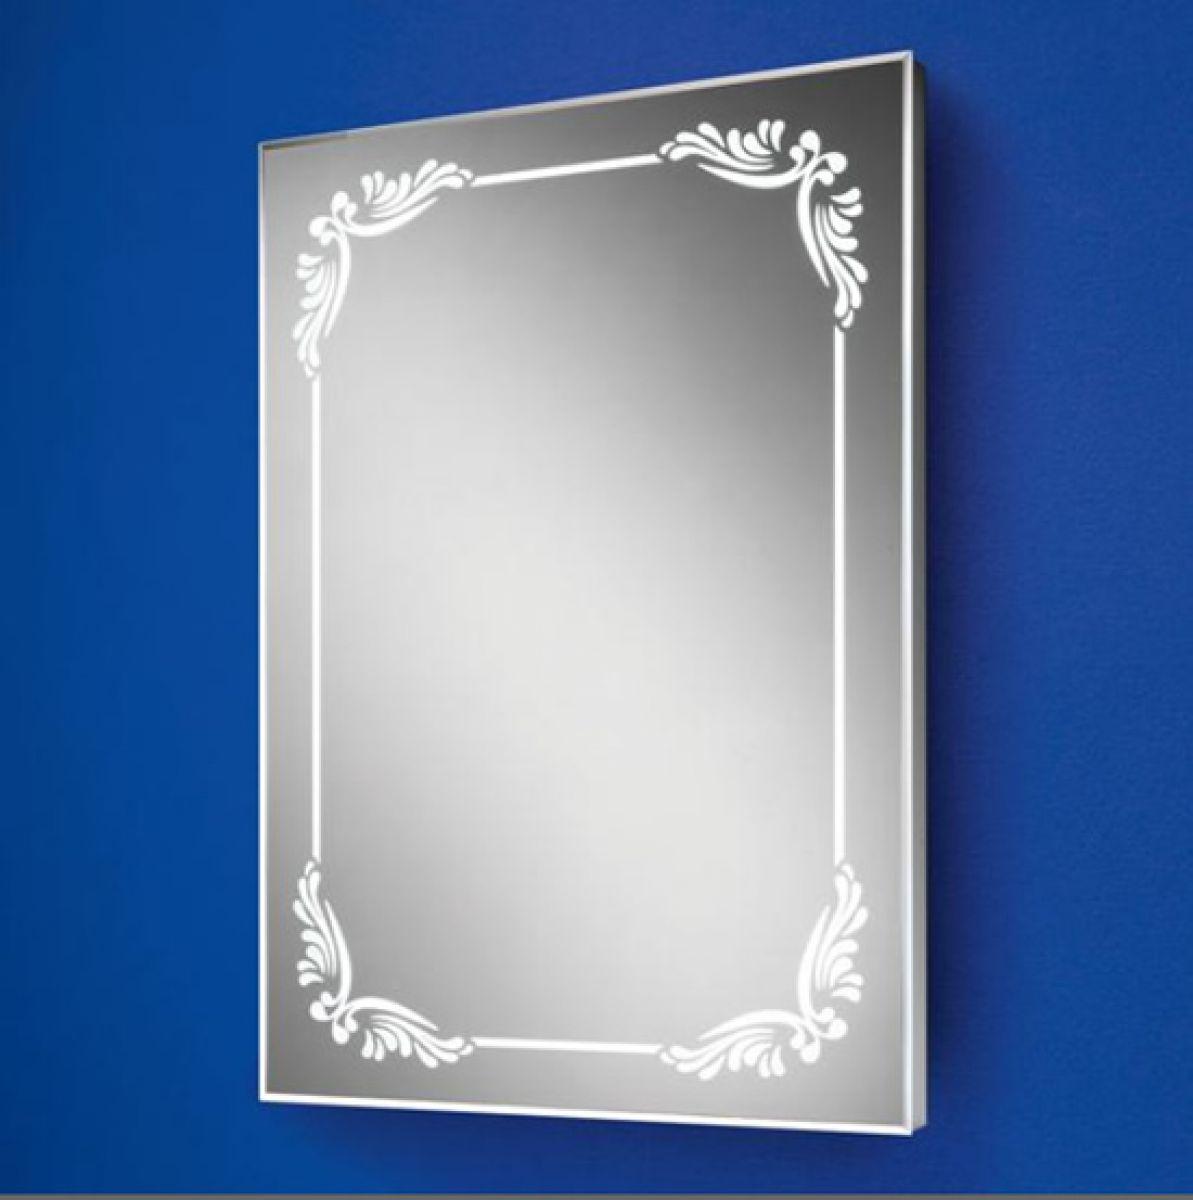 Hib Victoria Illuminated Bathroom Mirror Ukbathrooms